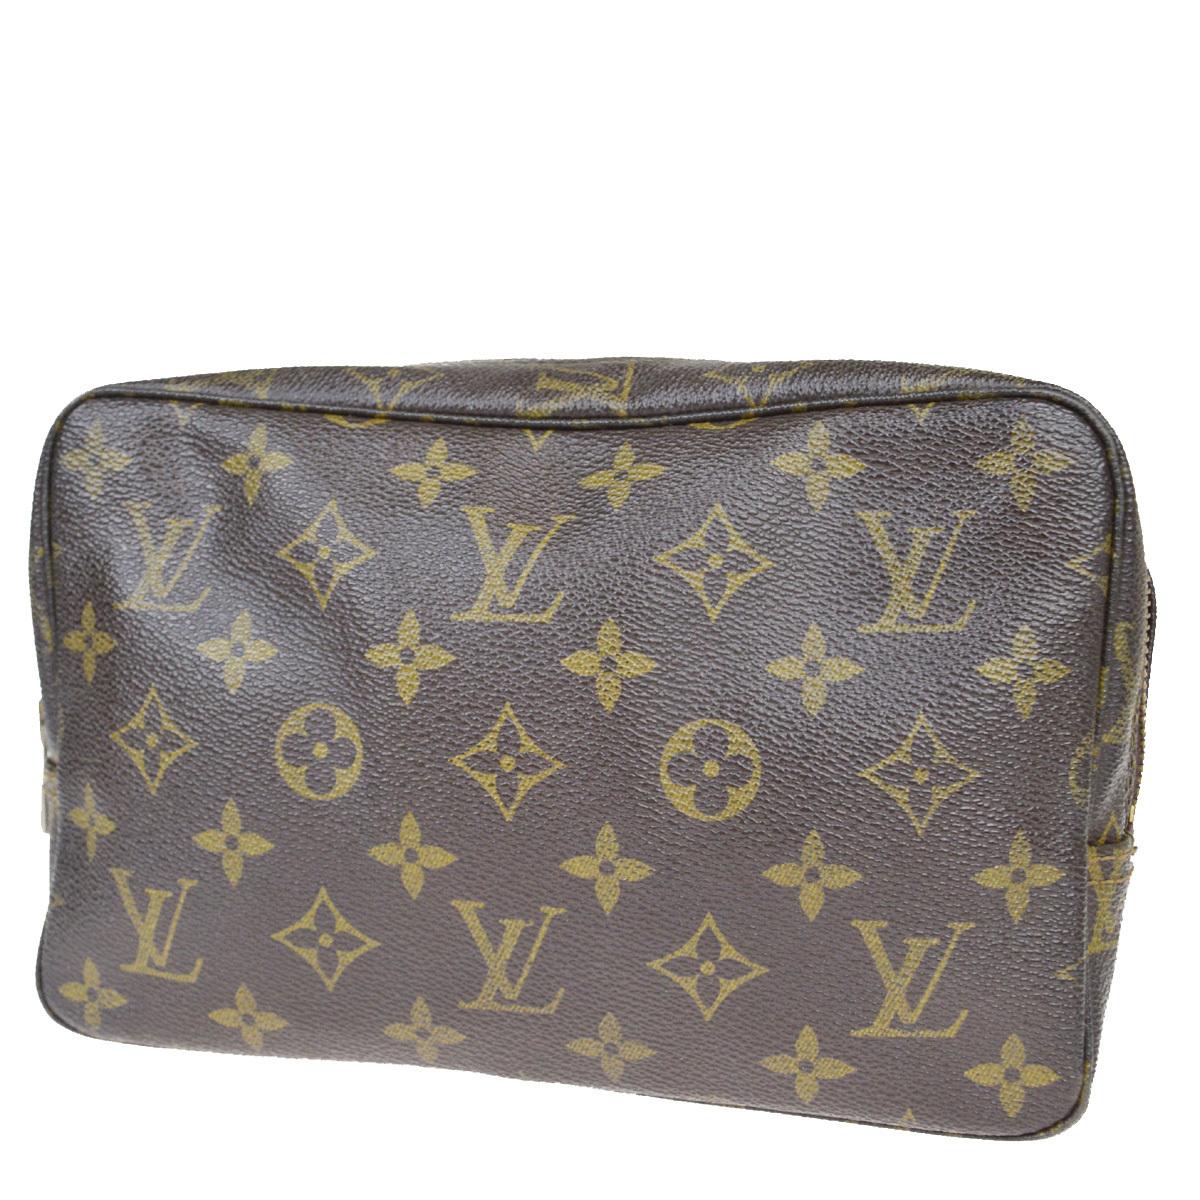 【中古】 ルイ・ヴィトン(Louis Vuitton) モノグラム トゥルース トワレット 23 M47524 クラッチバッグ ブラウン 02FB027